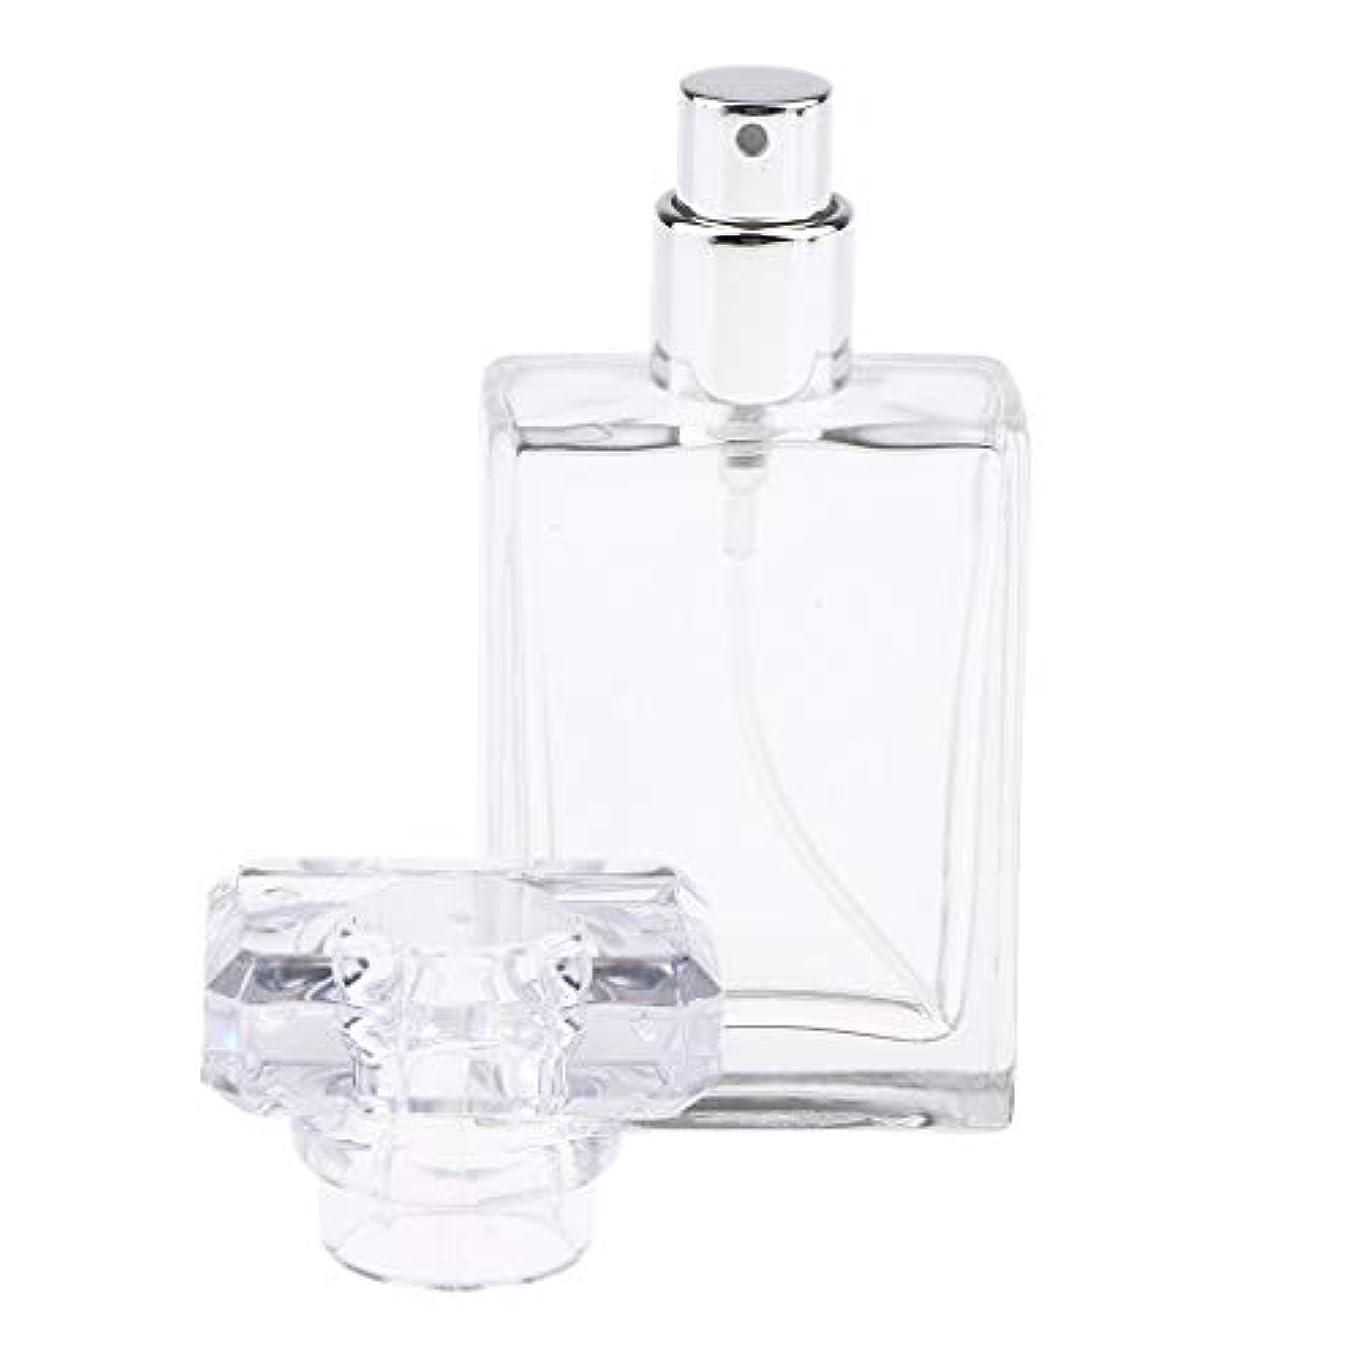 誠意追い払う行為CUTICATE 香水瓶 アロマボトル 香水 小分けボトル ガラス製ボトル 30ミリリットル 全2色選択 - クリア